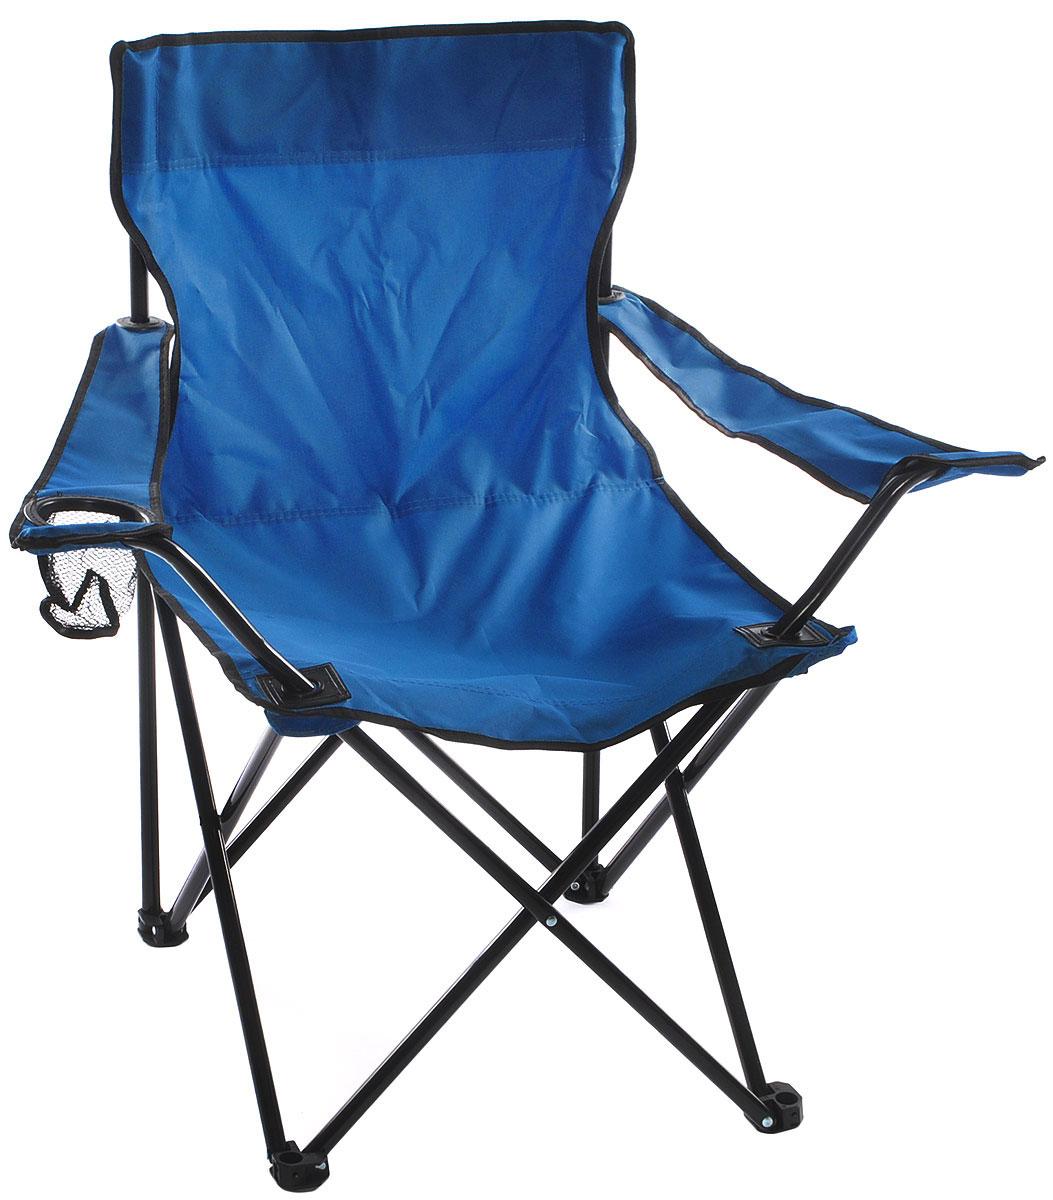 Кресло складное Wildman, с подлокотником, цвет: синий, 77 х 50 х 80 см09840-20.000.00На складном кресле Wildman можно удобно расположиться в тени деревьев, отдохнуть в приятной прохладелетнего вечера.В использовании такое кресло достойно самых лучших похвал. Кресло выполнено из прочной ткани оксфорд, каркас стальной. Кресло оснащено удобными подлокотниками, в одном из них расположен подстаканник. В сложенном виде кресло удобно для хранения и переноски.В комплекте чехол для переноски и хранения.